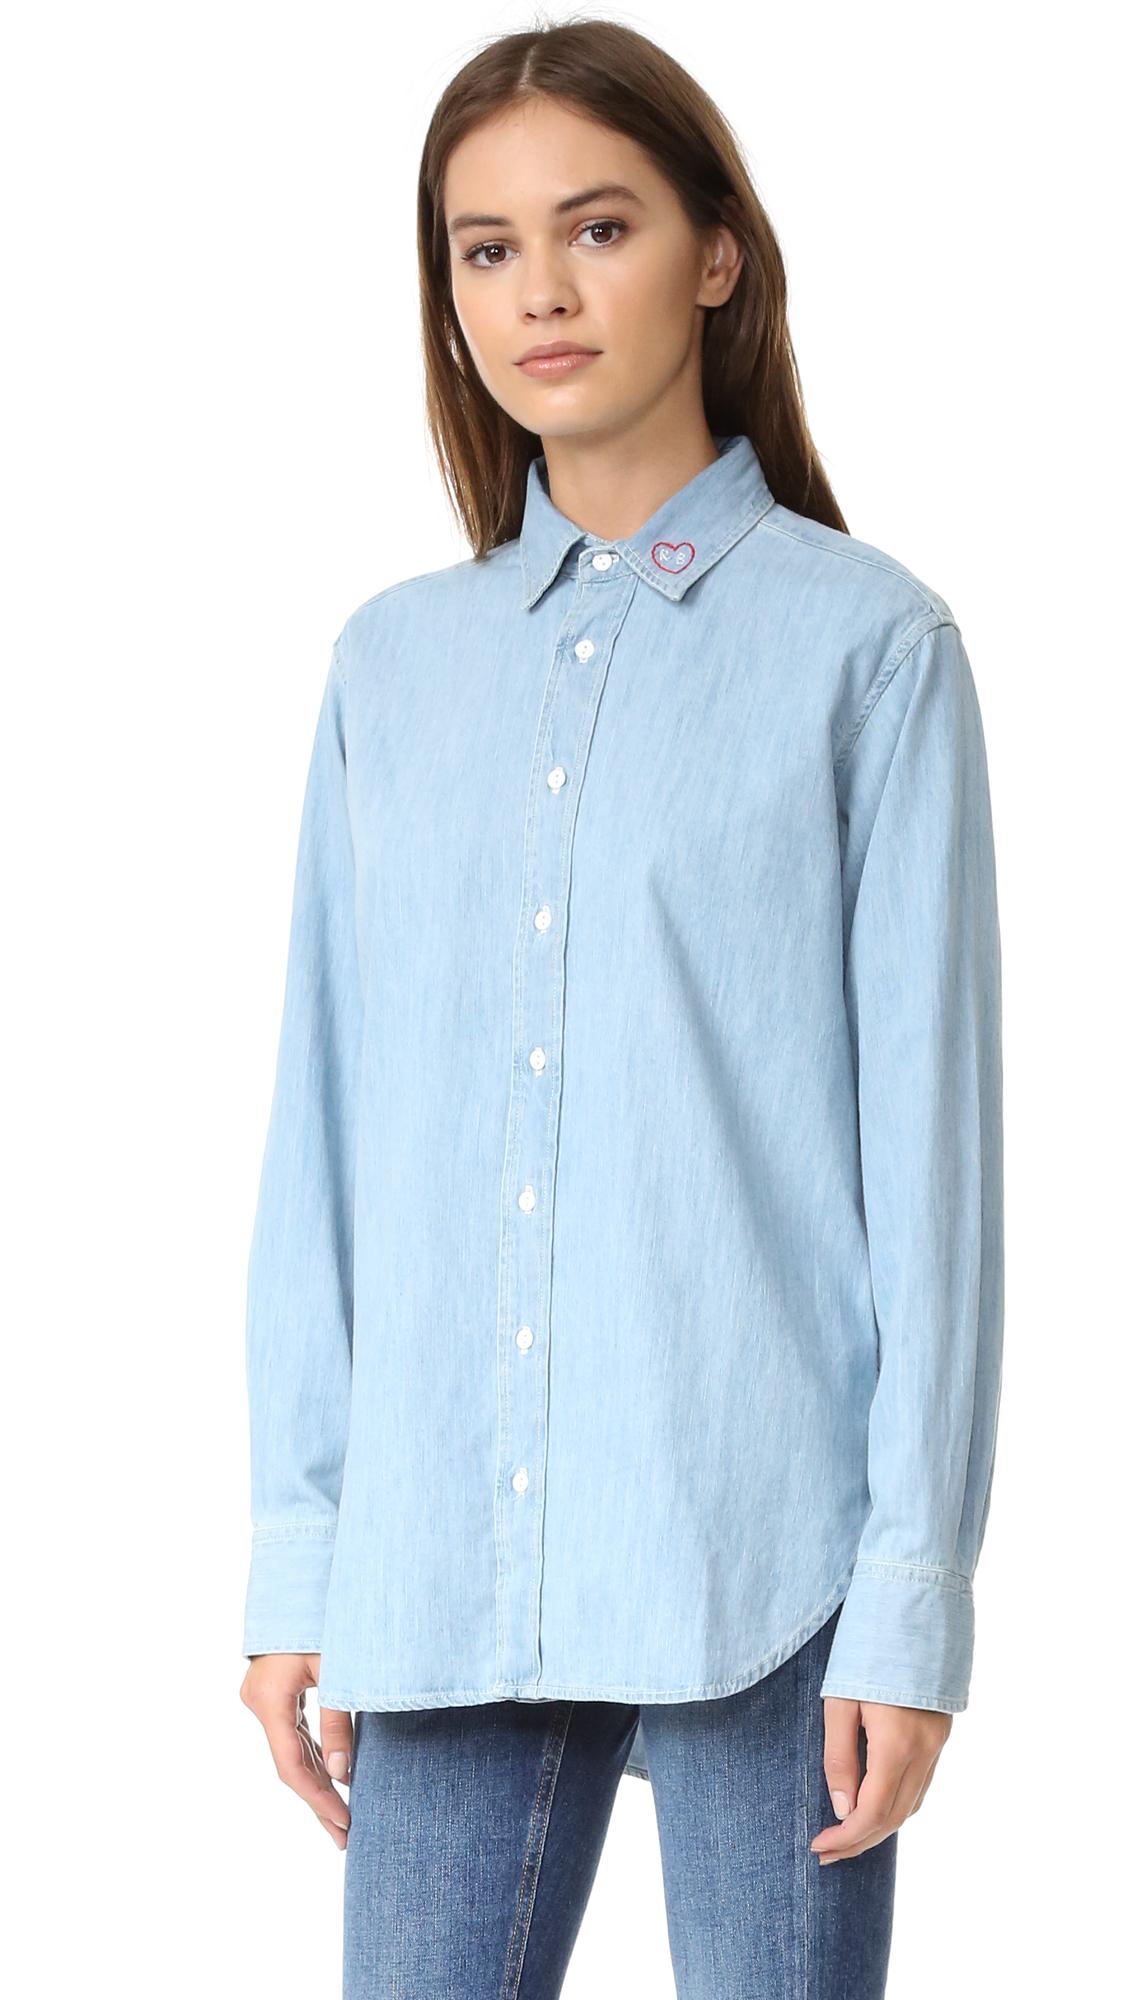 Lyst rag bone boyfriend shirt in blue for Rag bone shirt